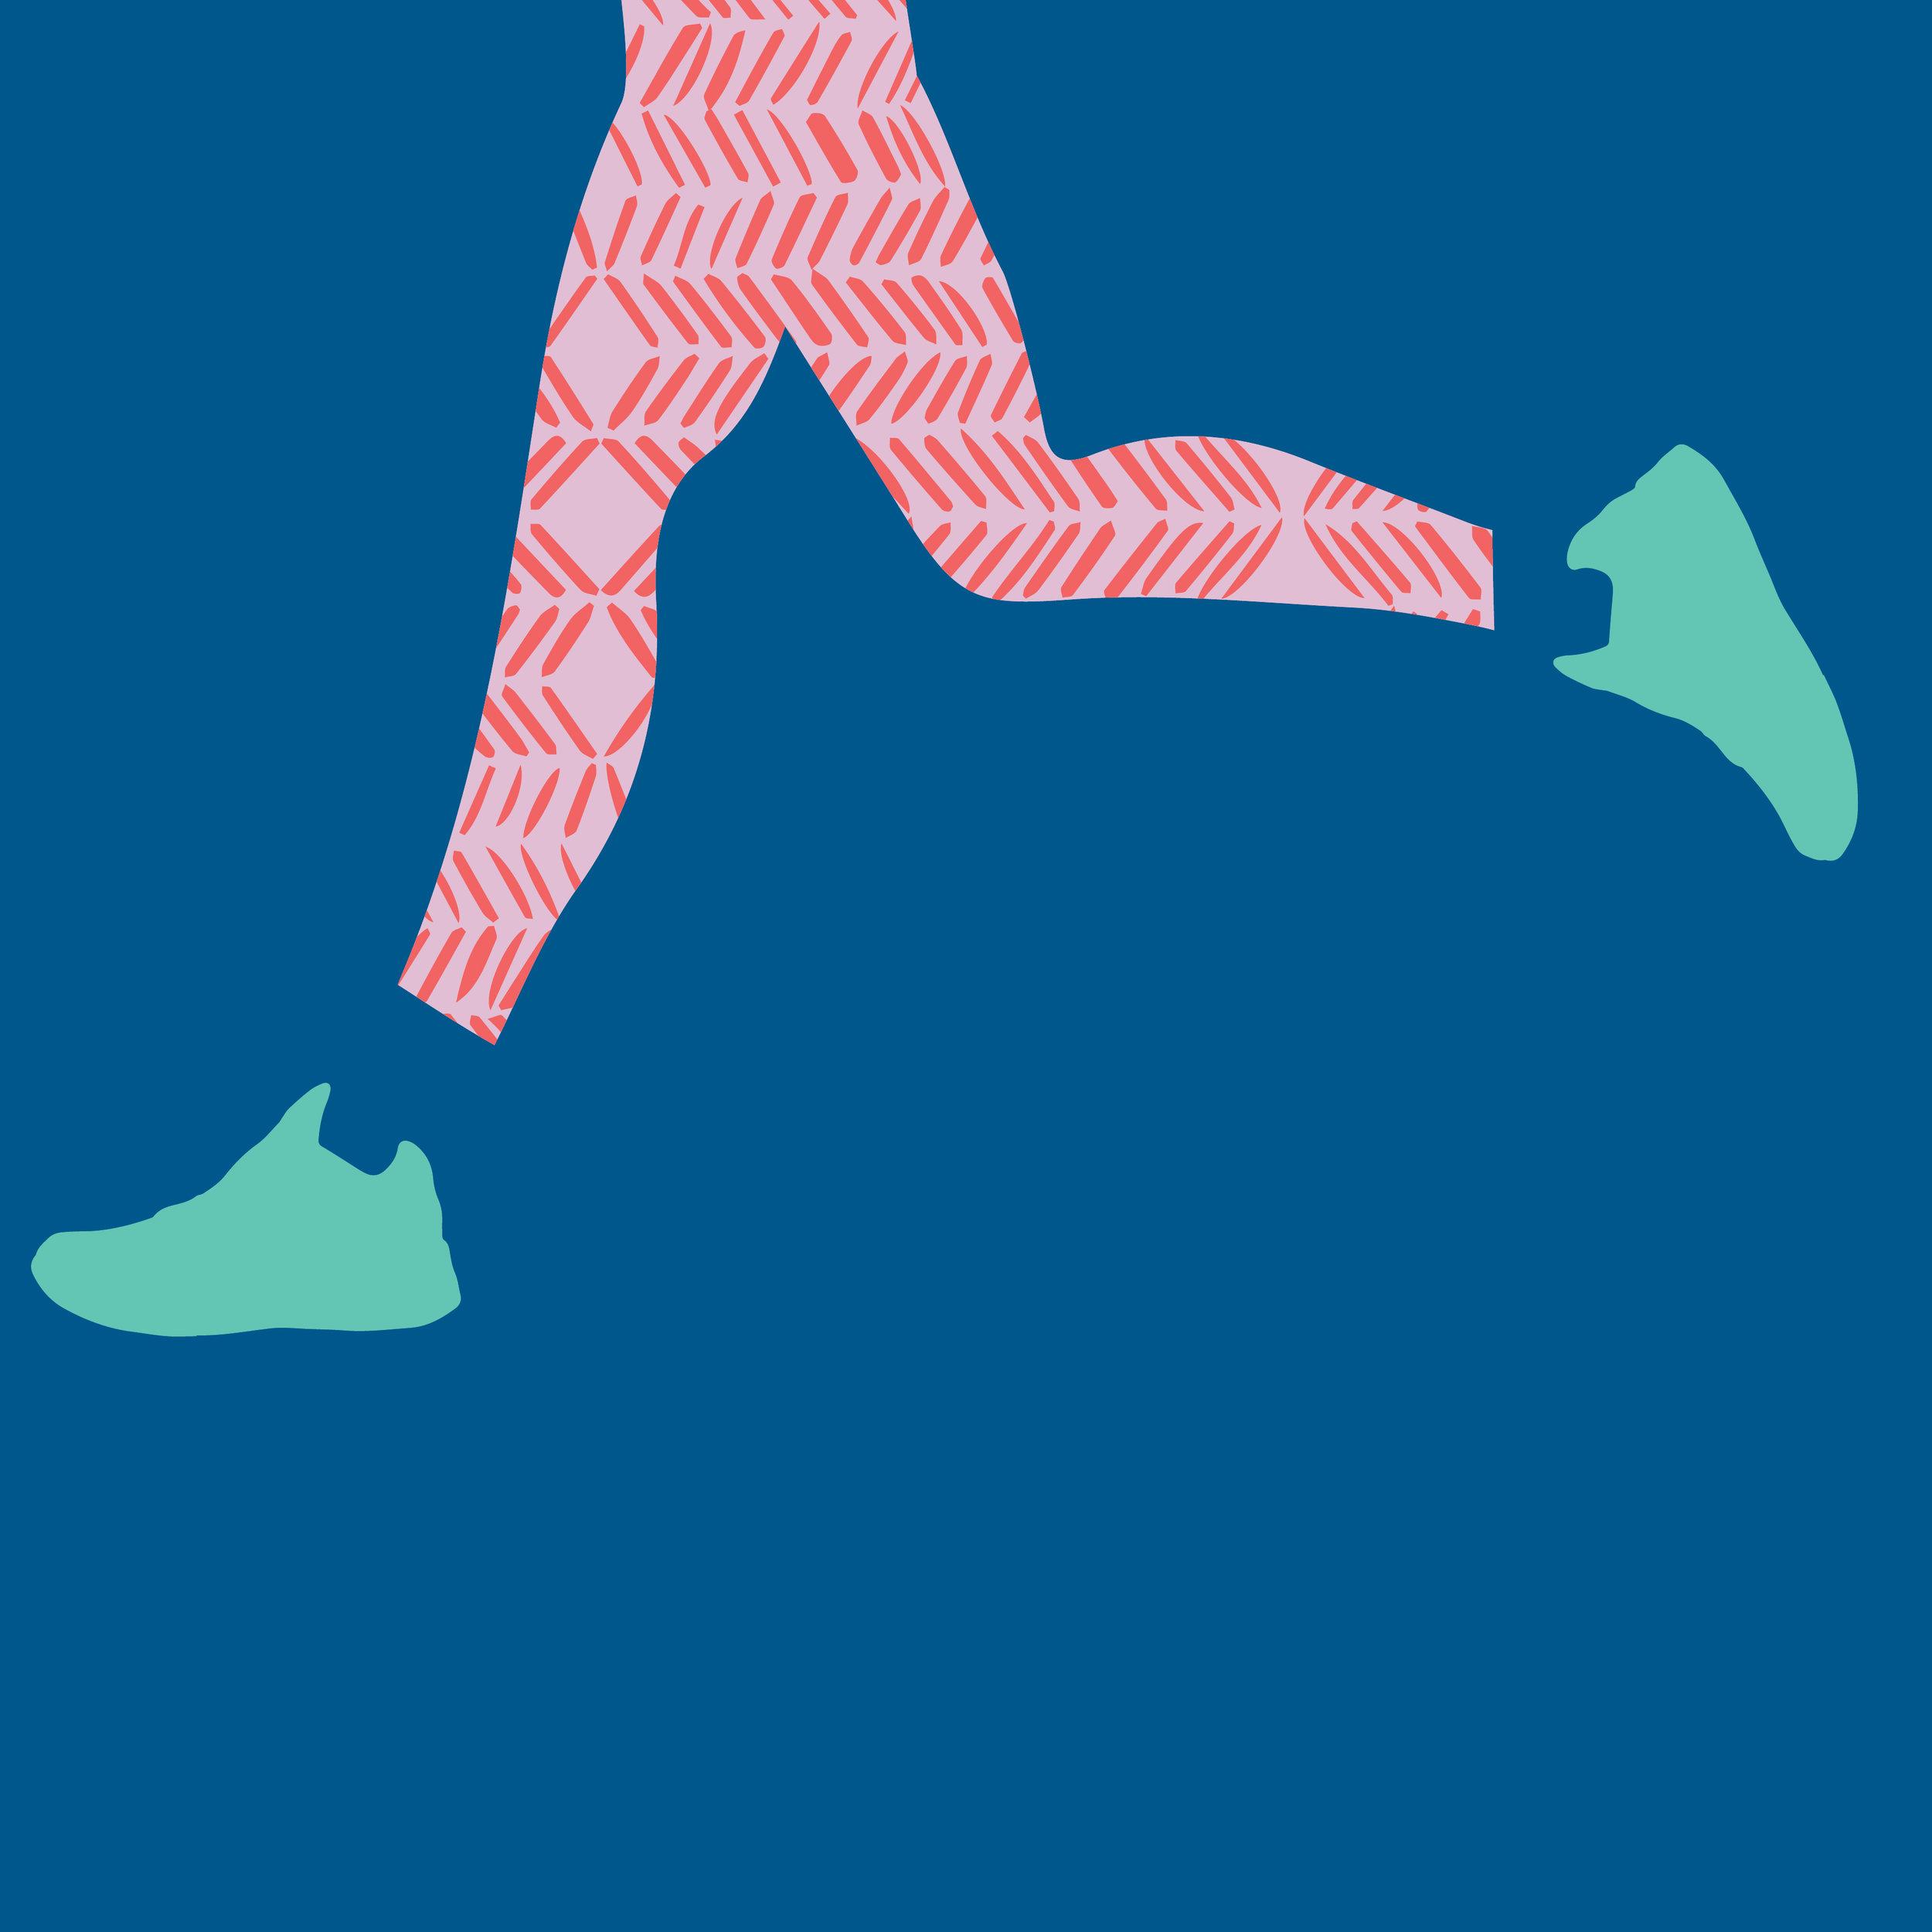 running_1-05.jpg